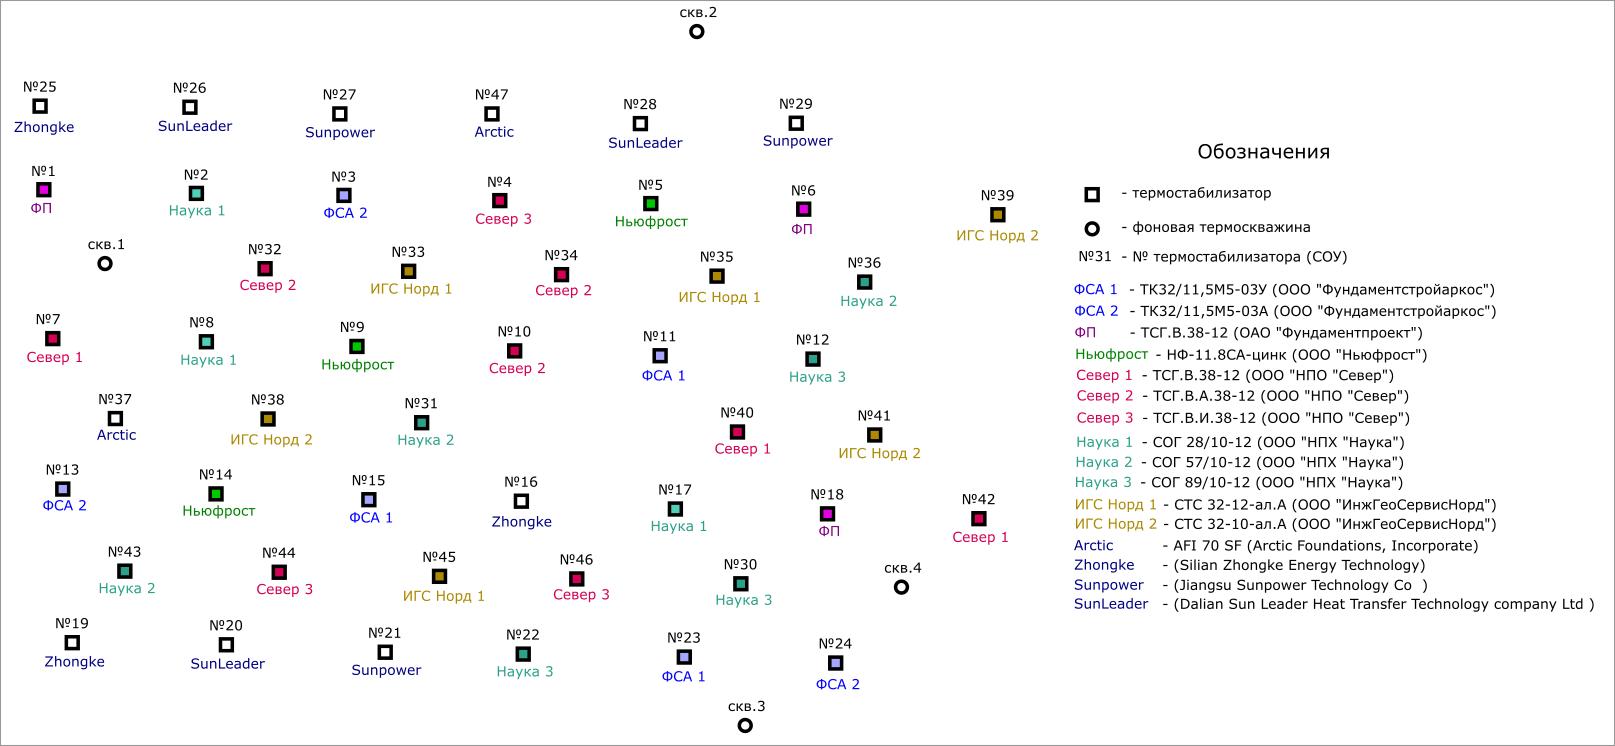 Схема расположения термостабилизаторов на полигоне СОУ